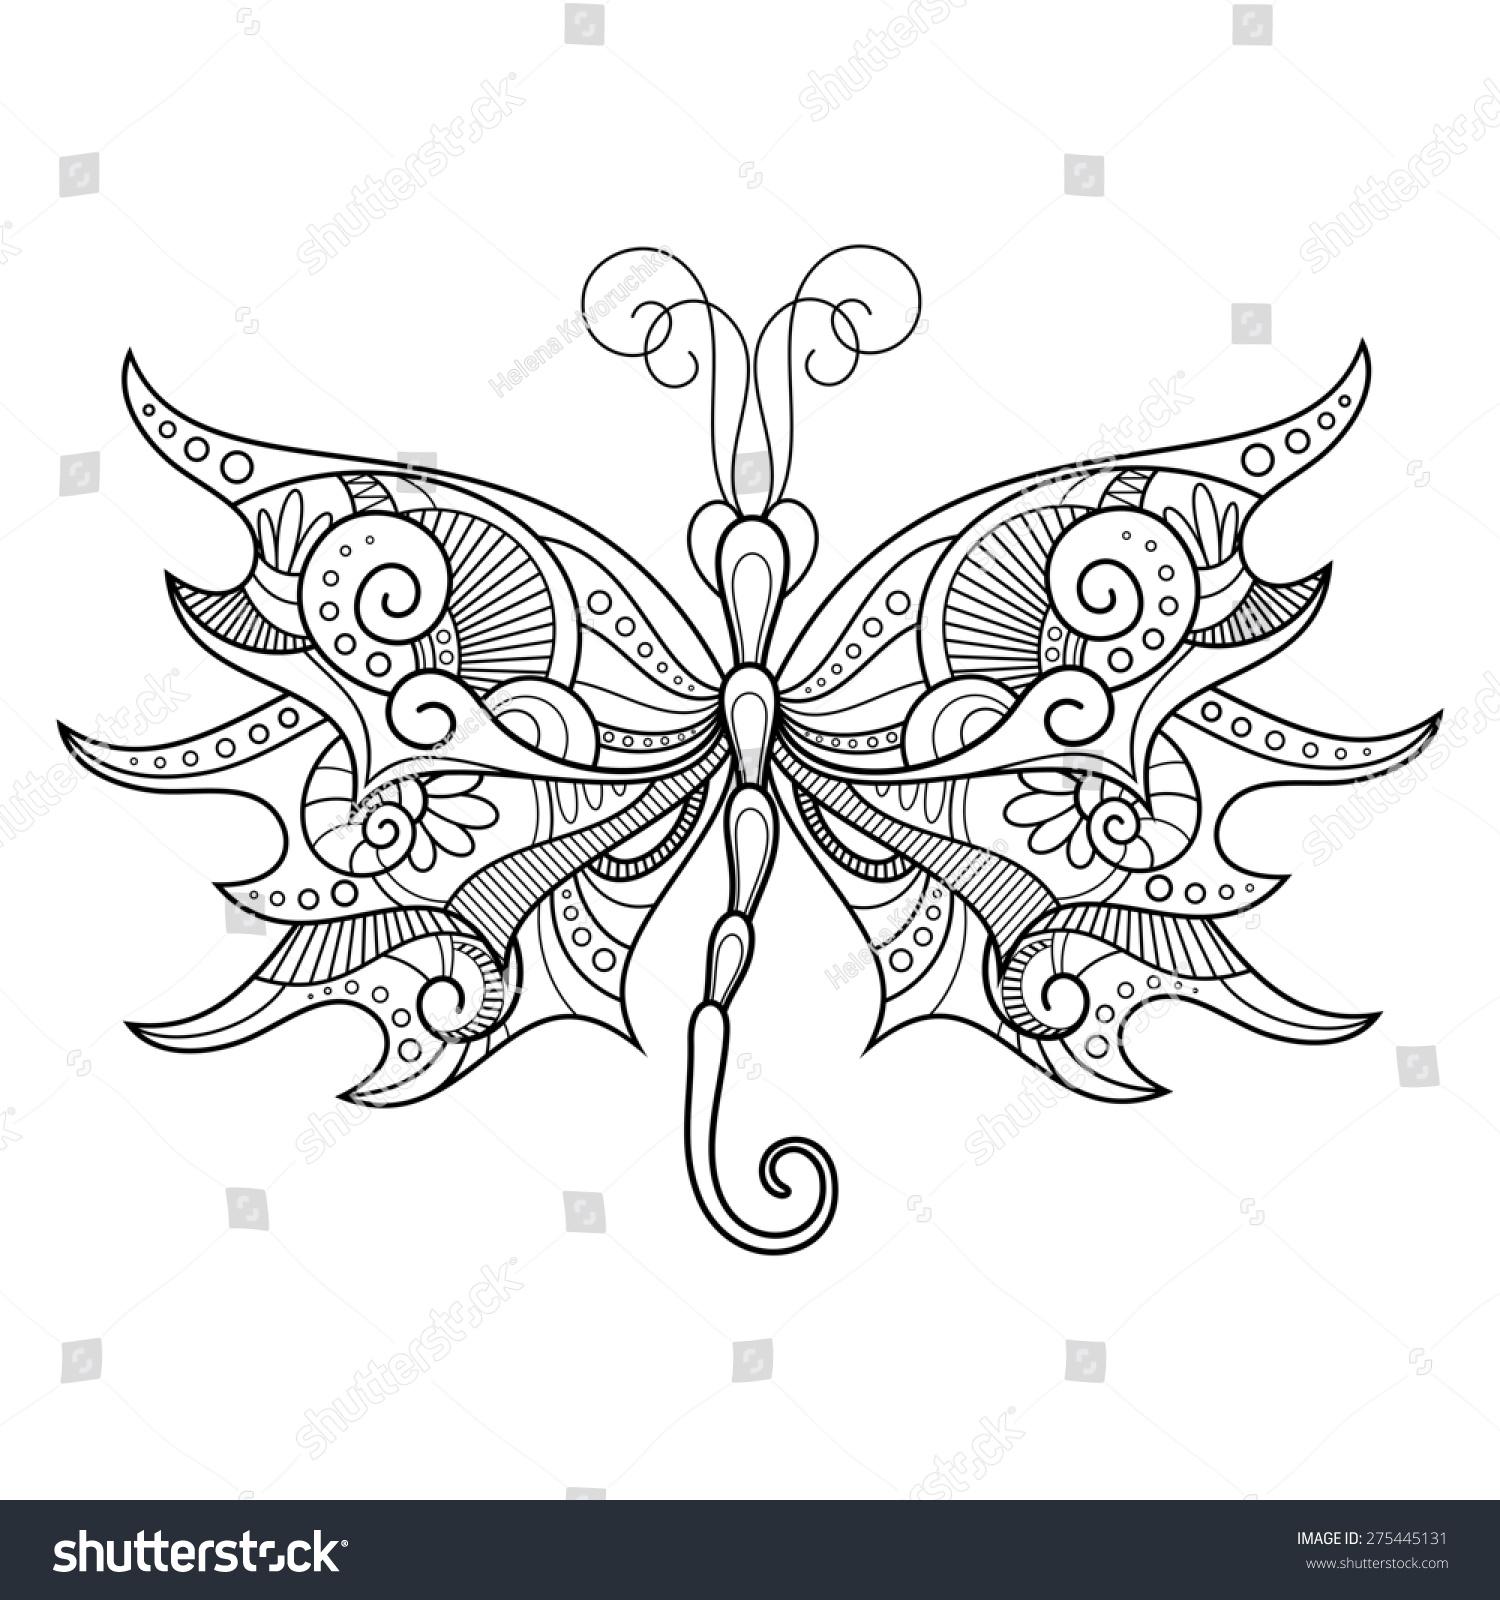 抽象的蜻蜓在白色背景.图案设计,纹身